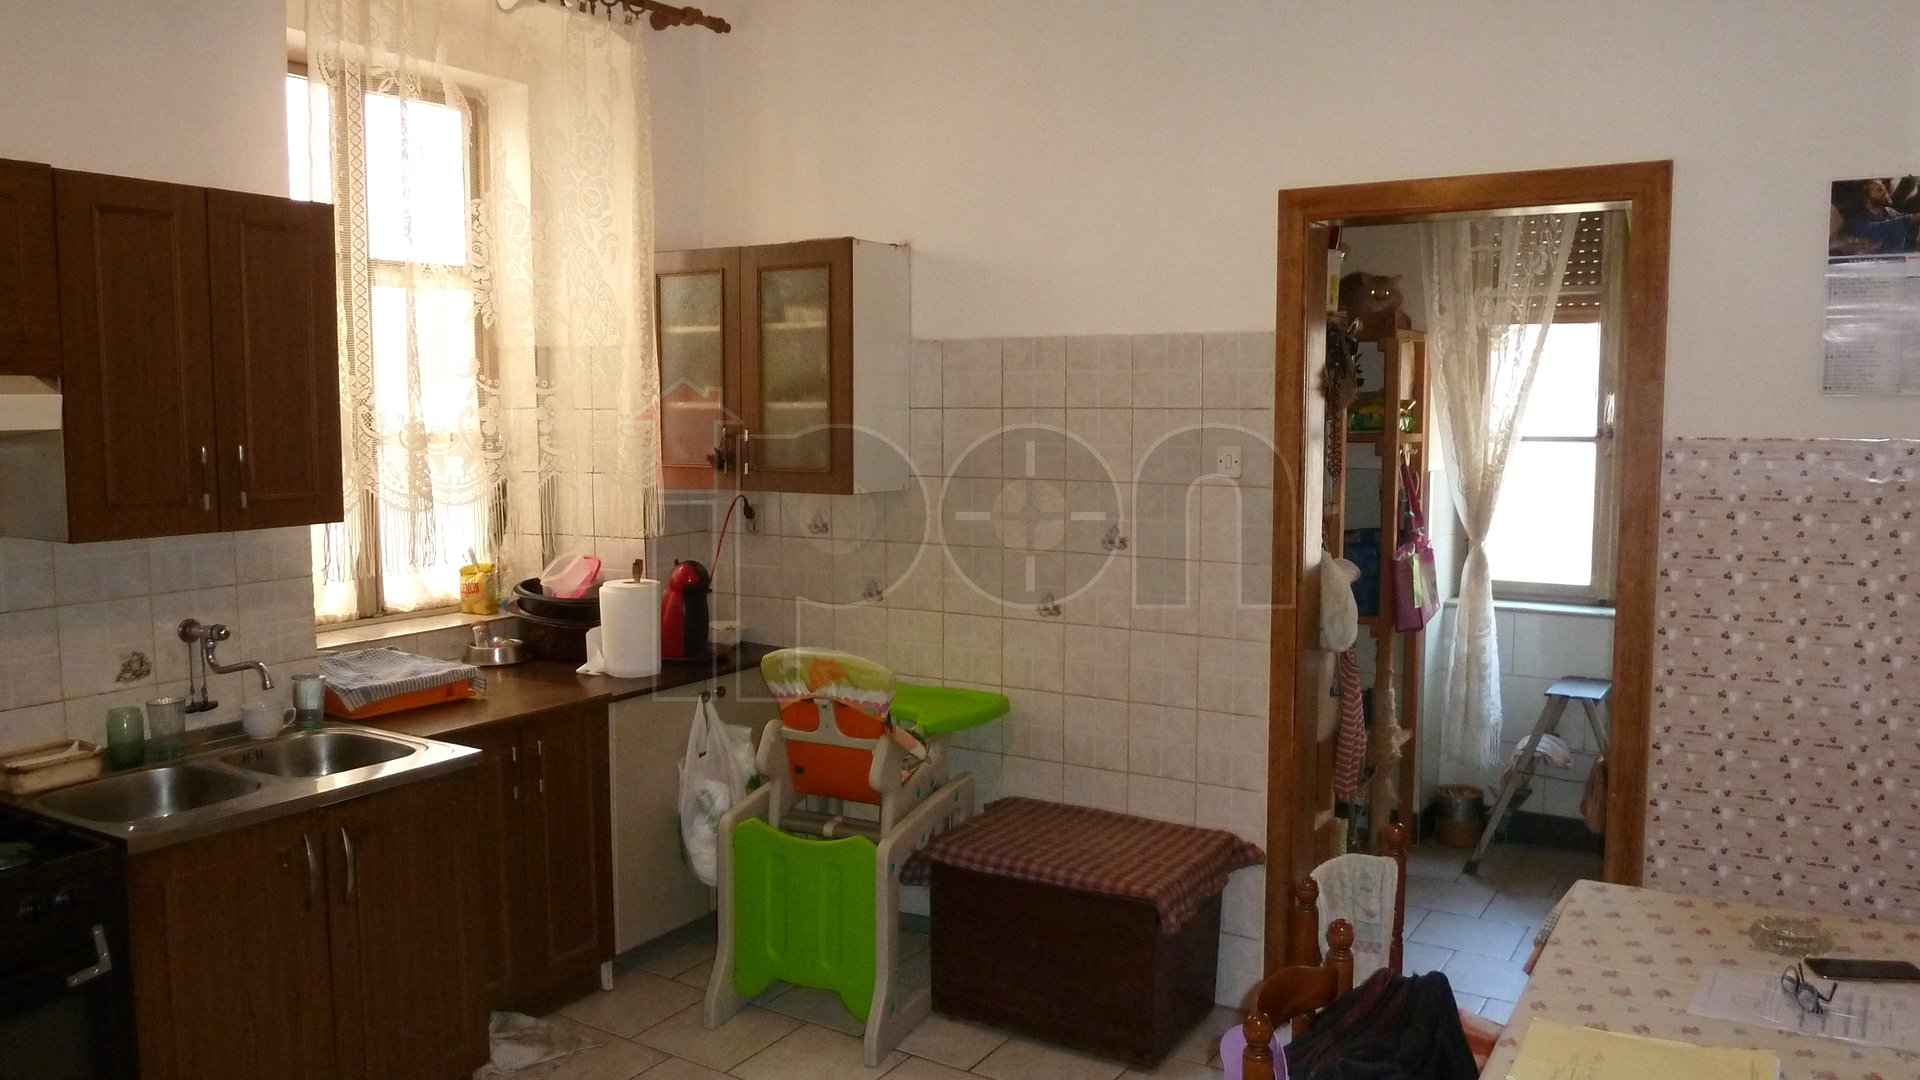 Stanovanje, 118 m2, Prodaja, Rijeka - Belveder